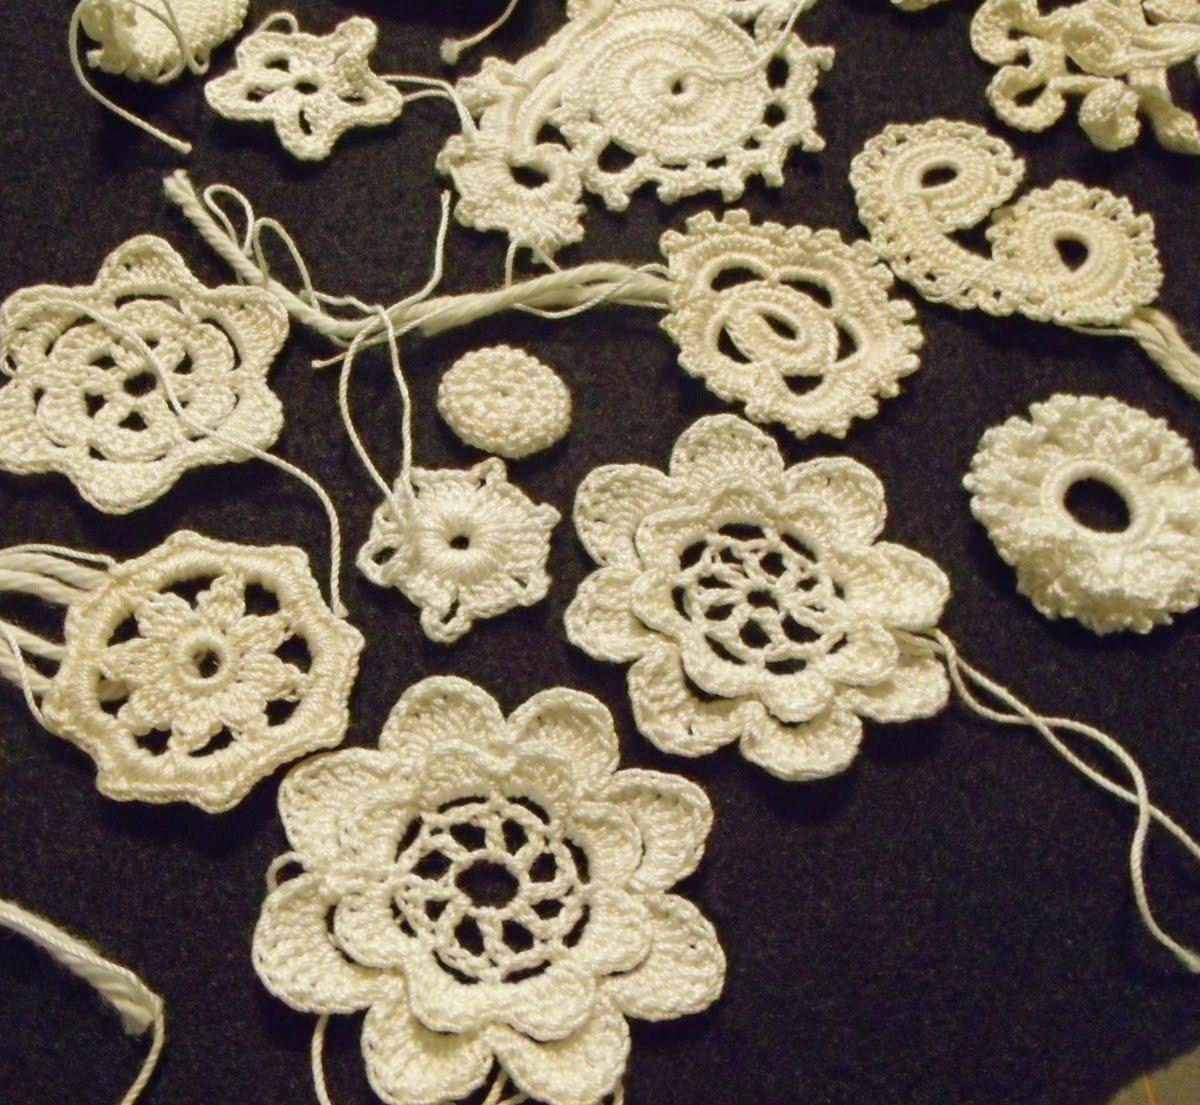 Stitched Musings: Irish Crochet